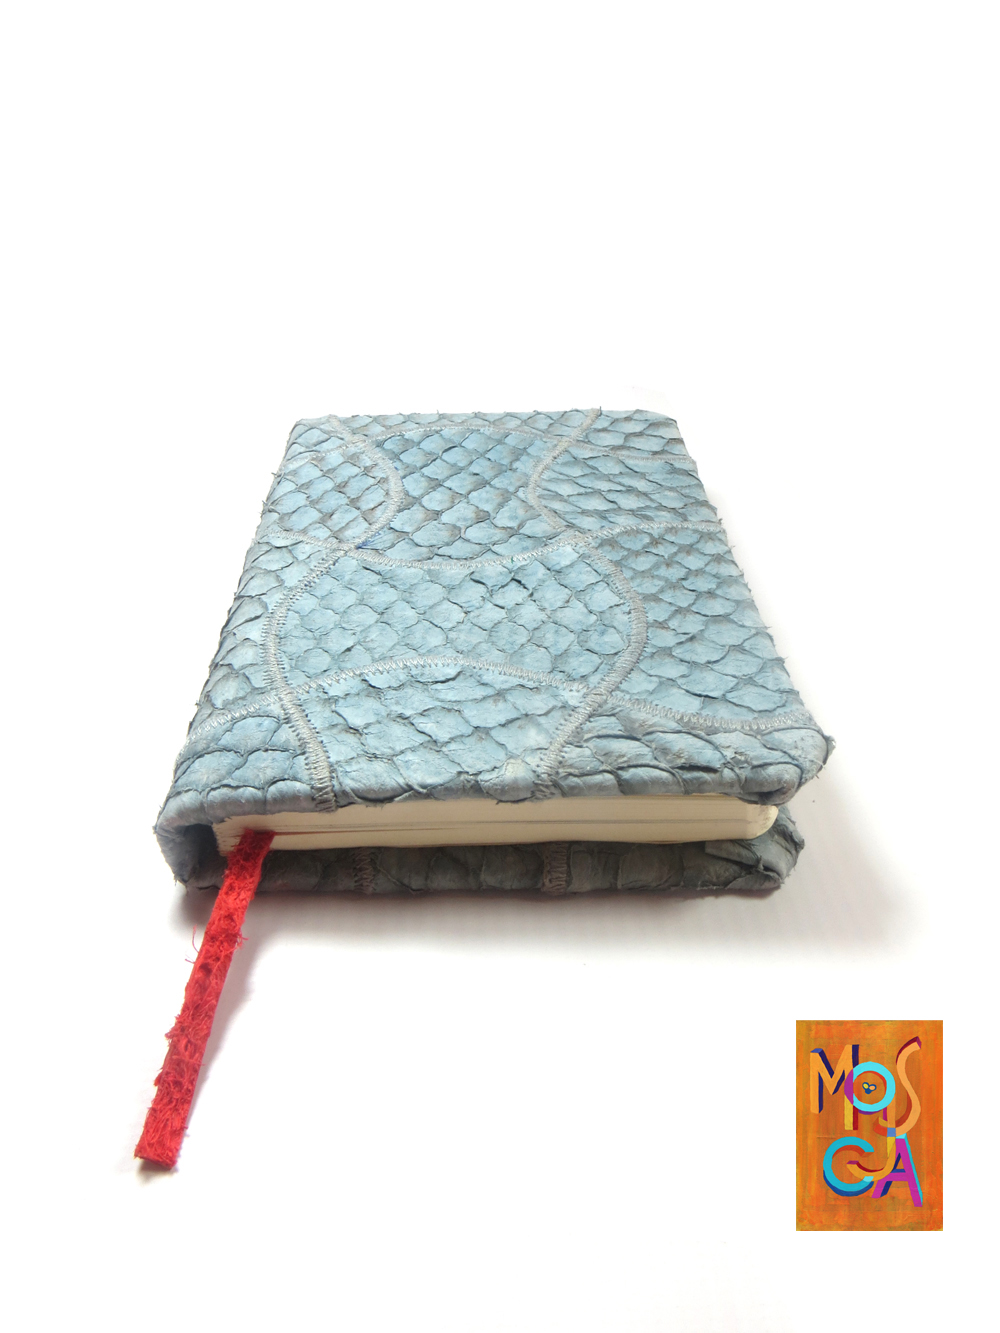 caderno azul do mar01 MOSCA.jpg